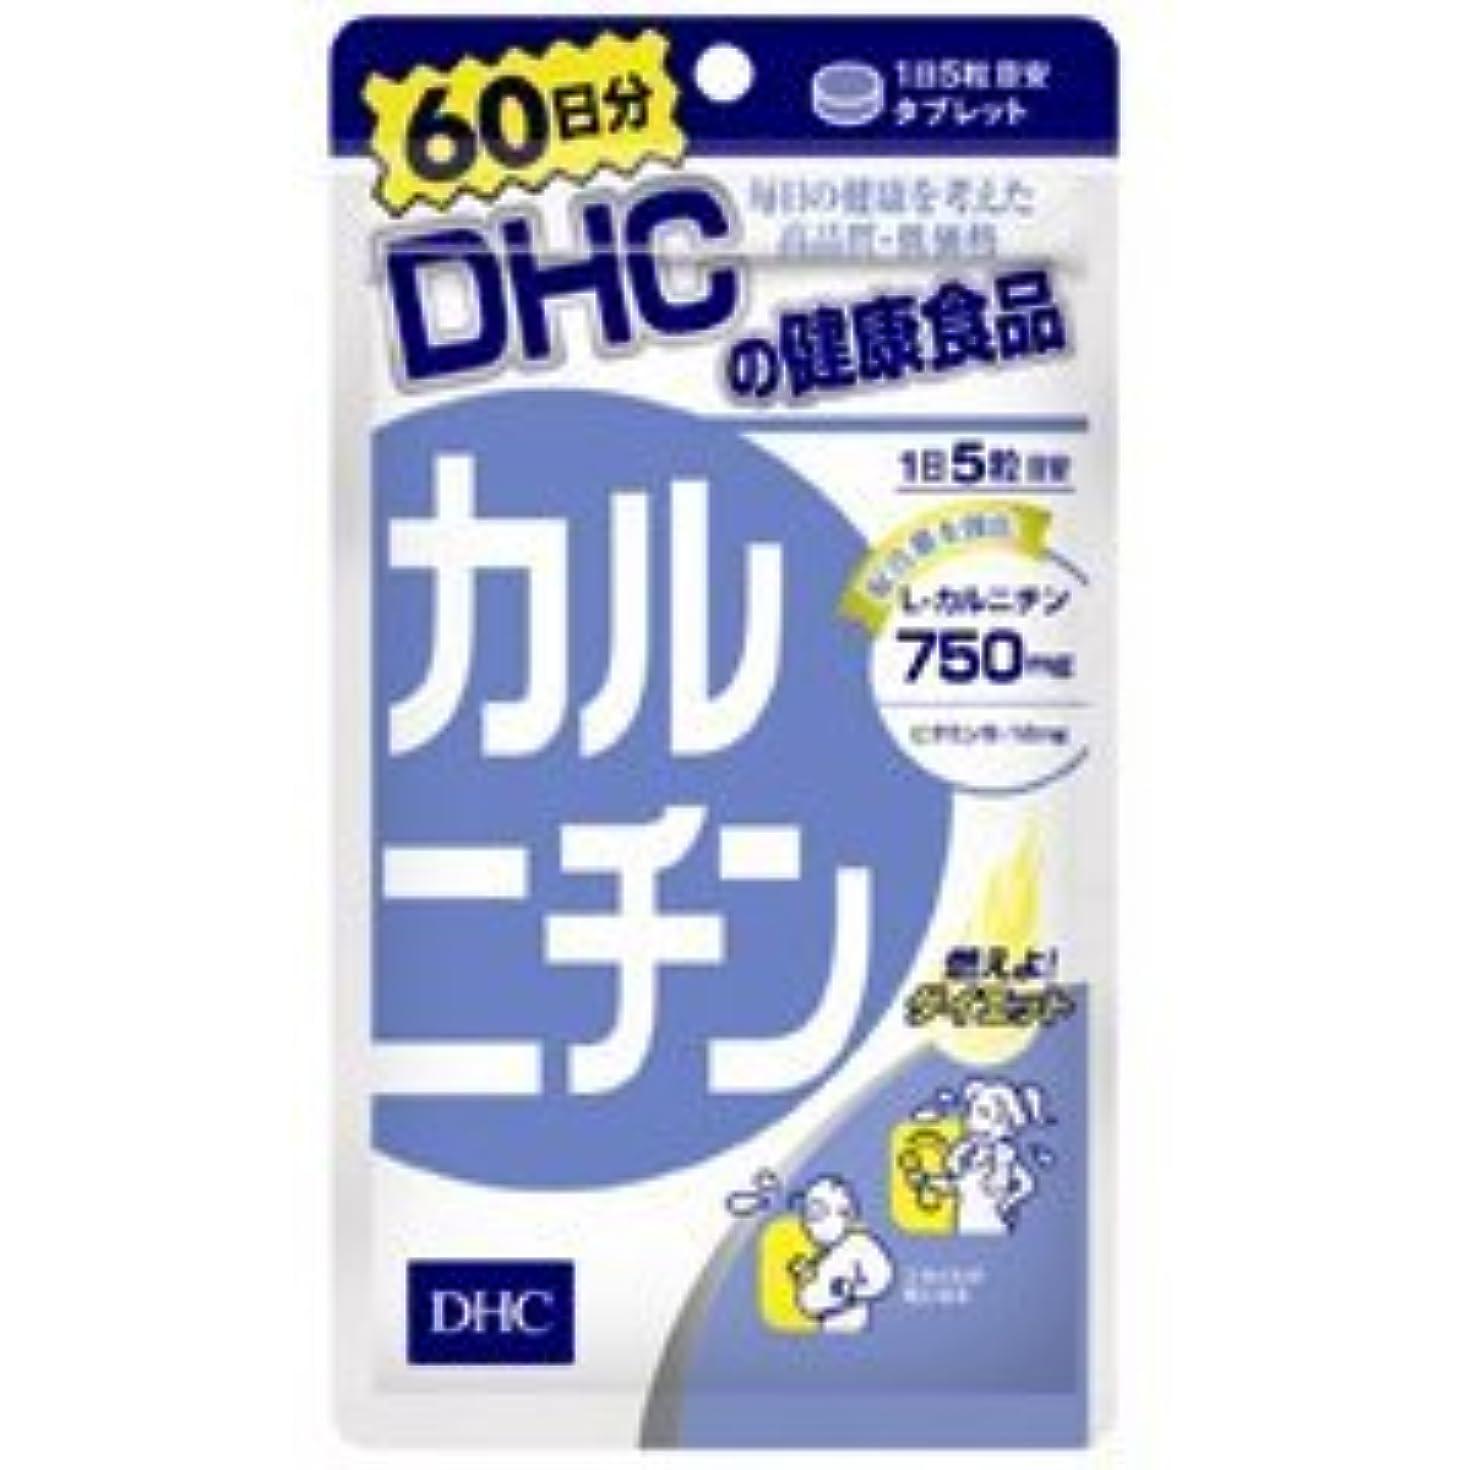 餌全滅させる困った【DHC】DHCの健康食品 カルニチン 60日分 300粒